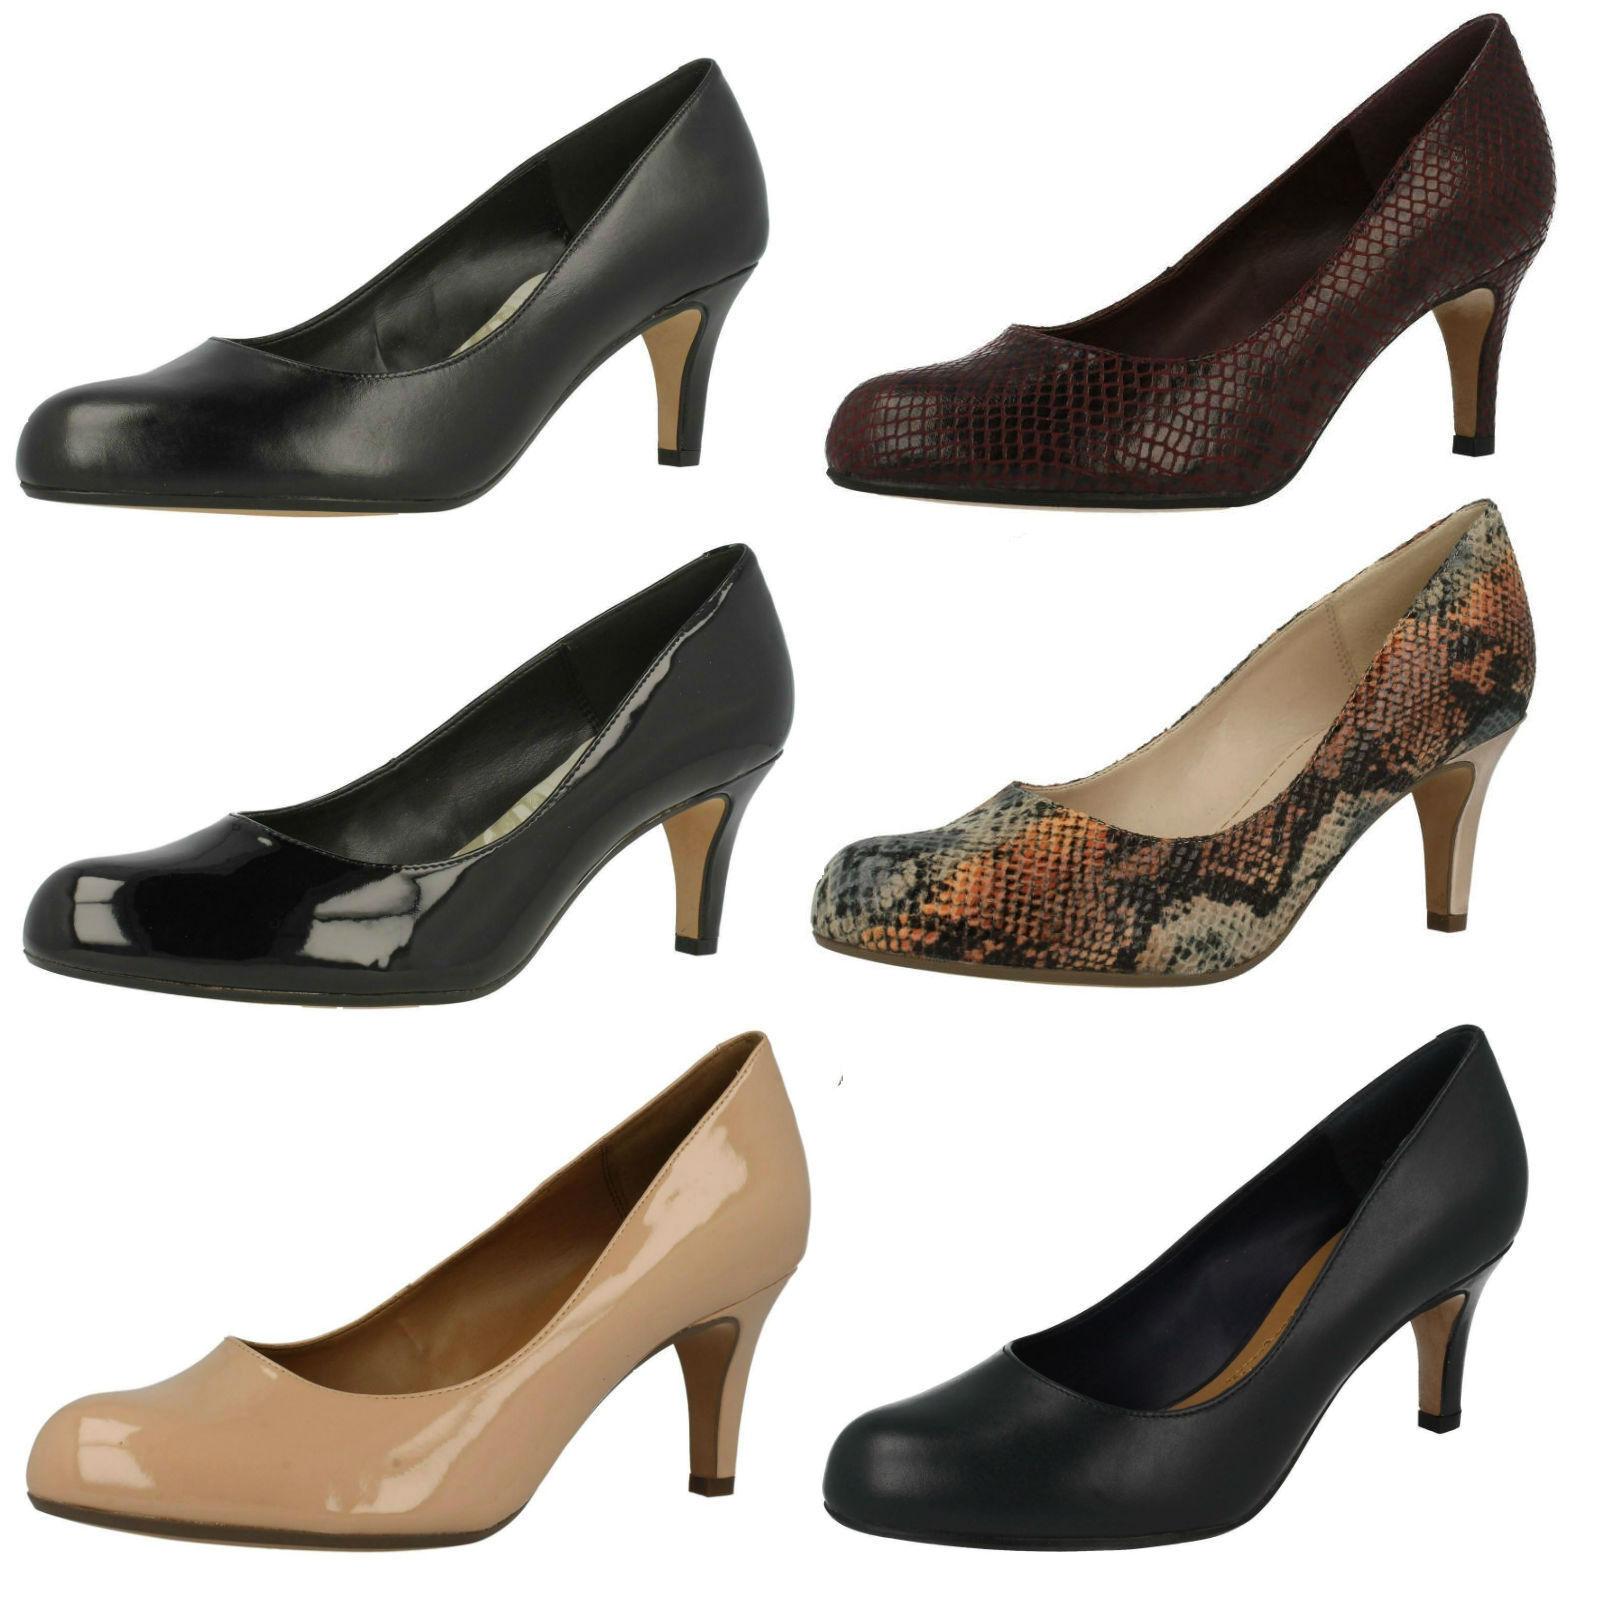 Mujer Clarks Arista Abe Inteligentes Zapatos De Salón Tacón Medio D & E Ajustes